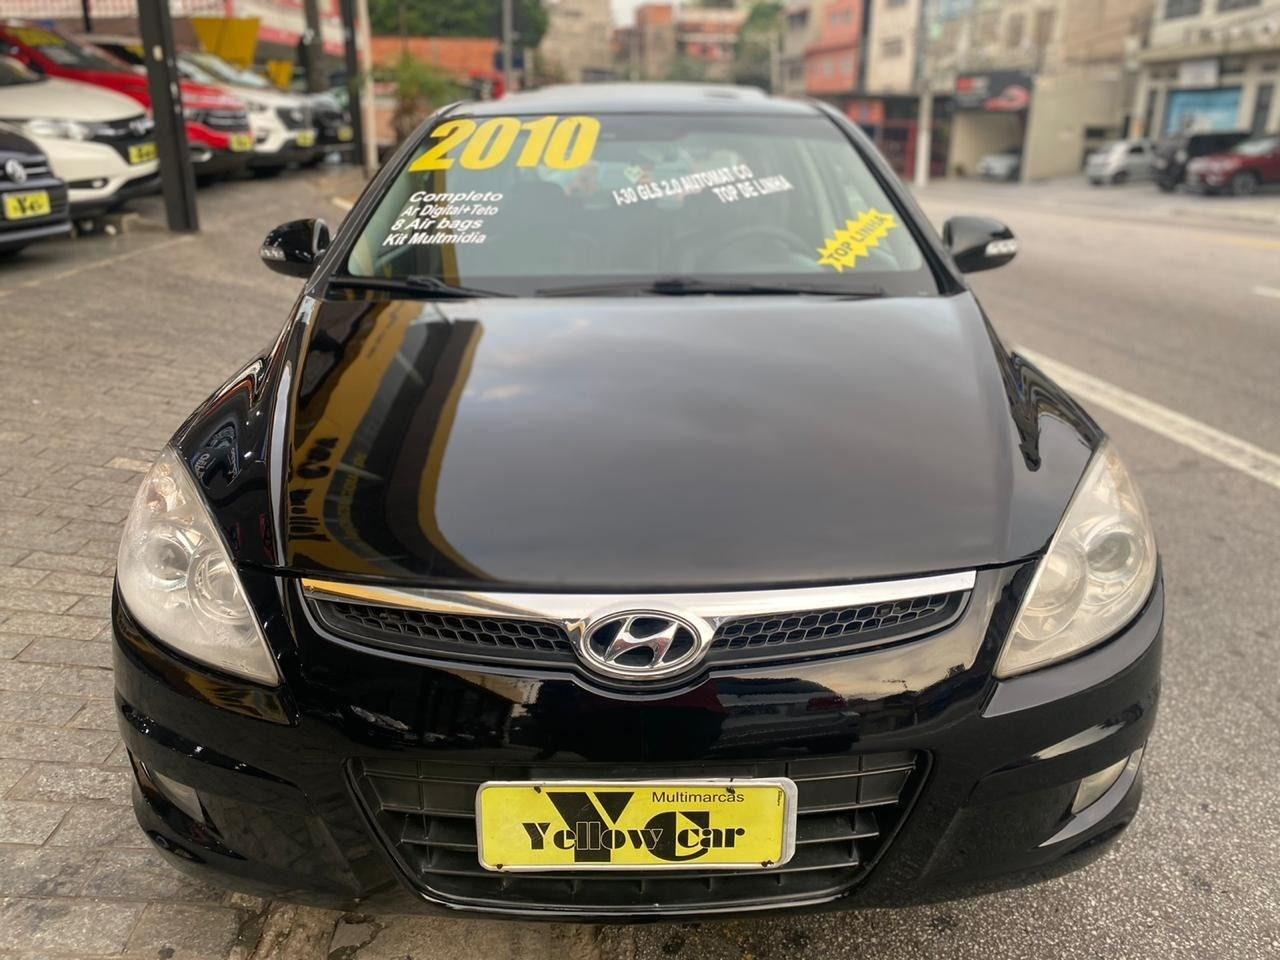 //www.autoline.com.br/carro/hyundai/i30-20-gls-16v-top-145cv-4p-gasolina-automatico/2010/sao-paulo-sp/13480691